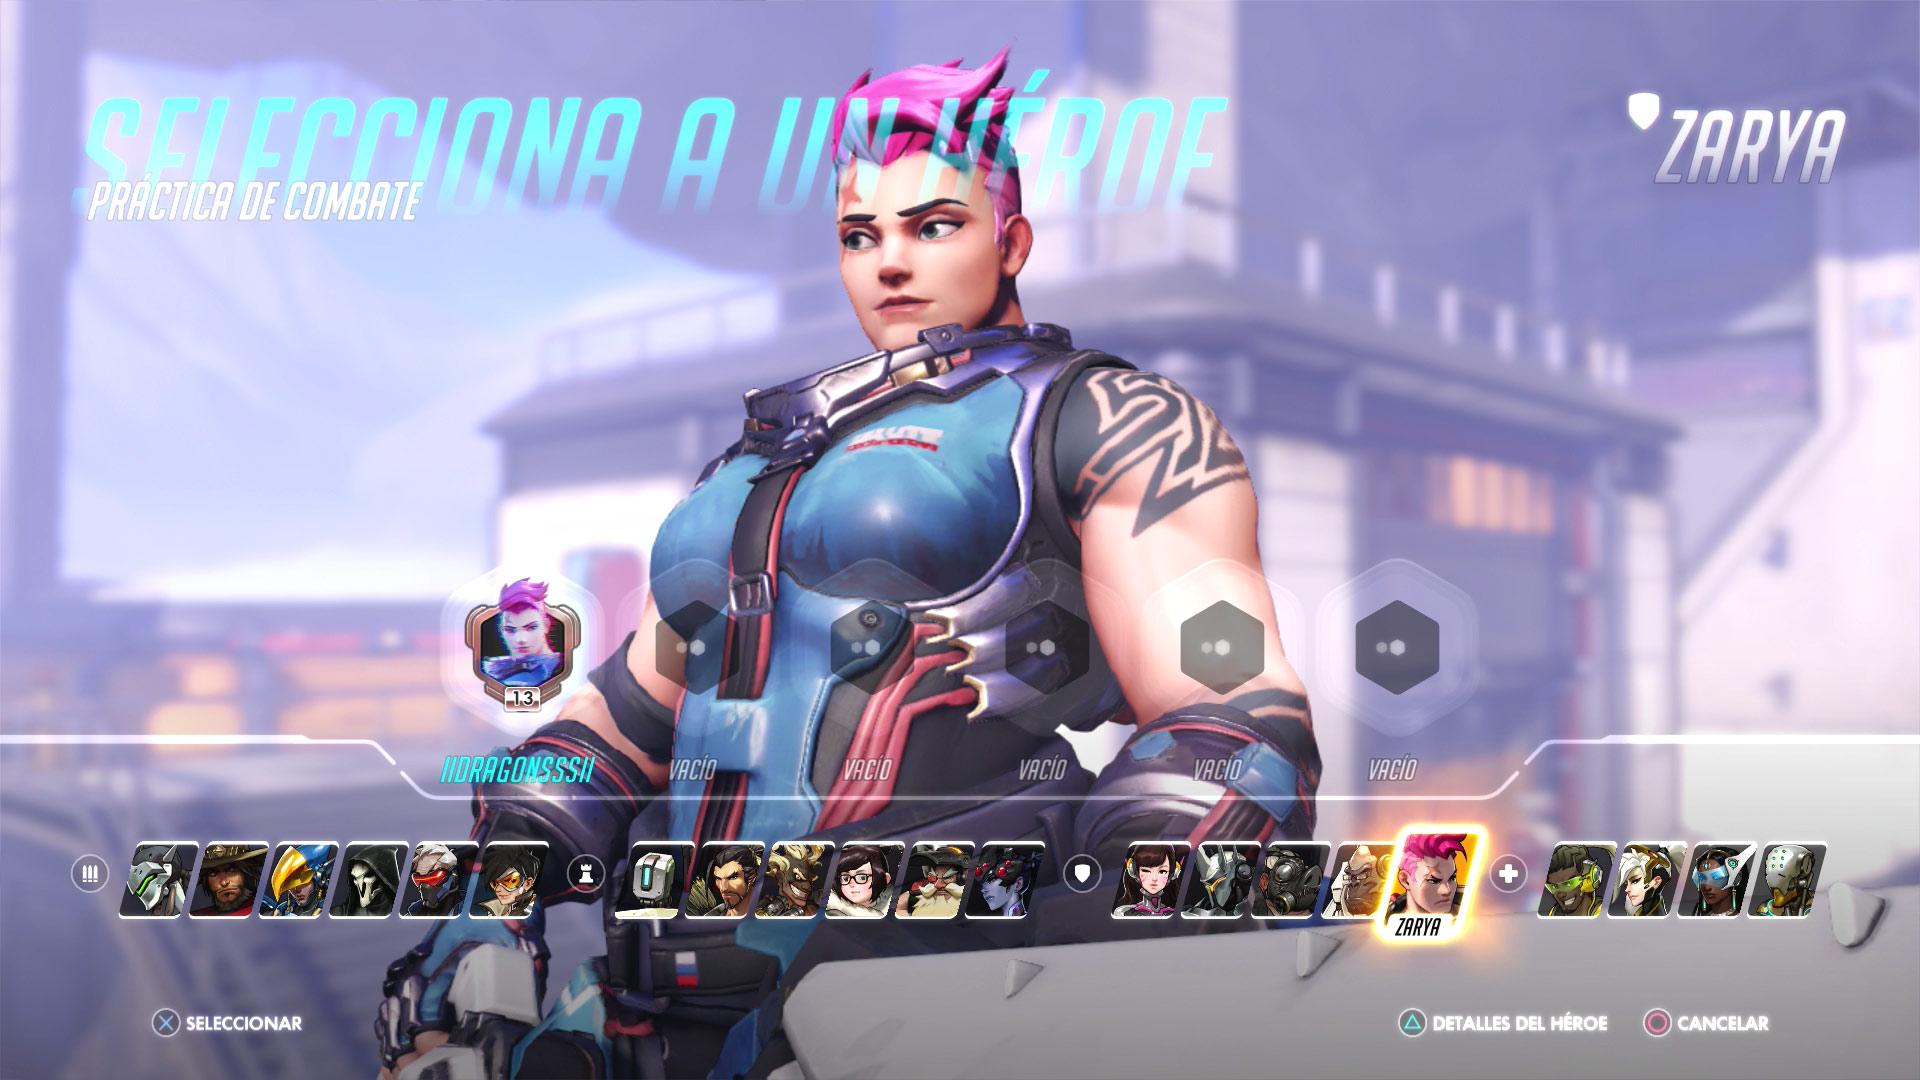 Personajes de Overwatch - Zarya